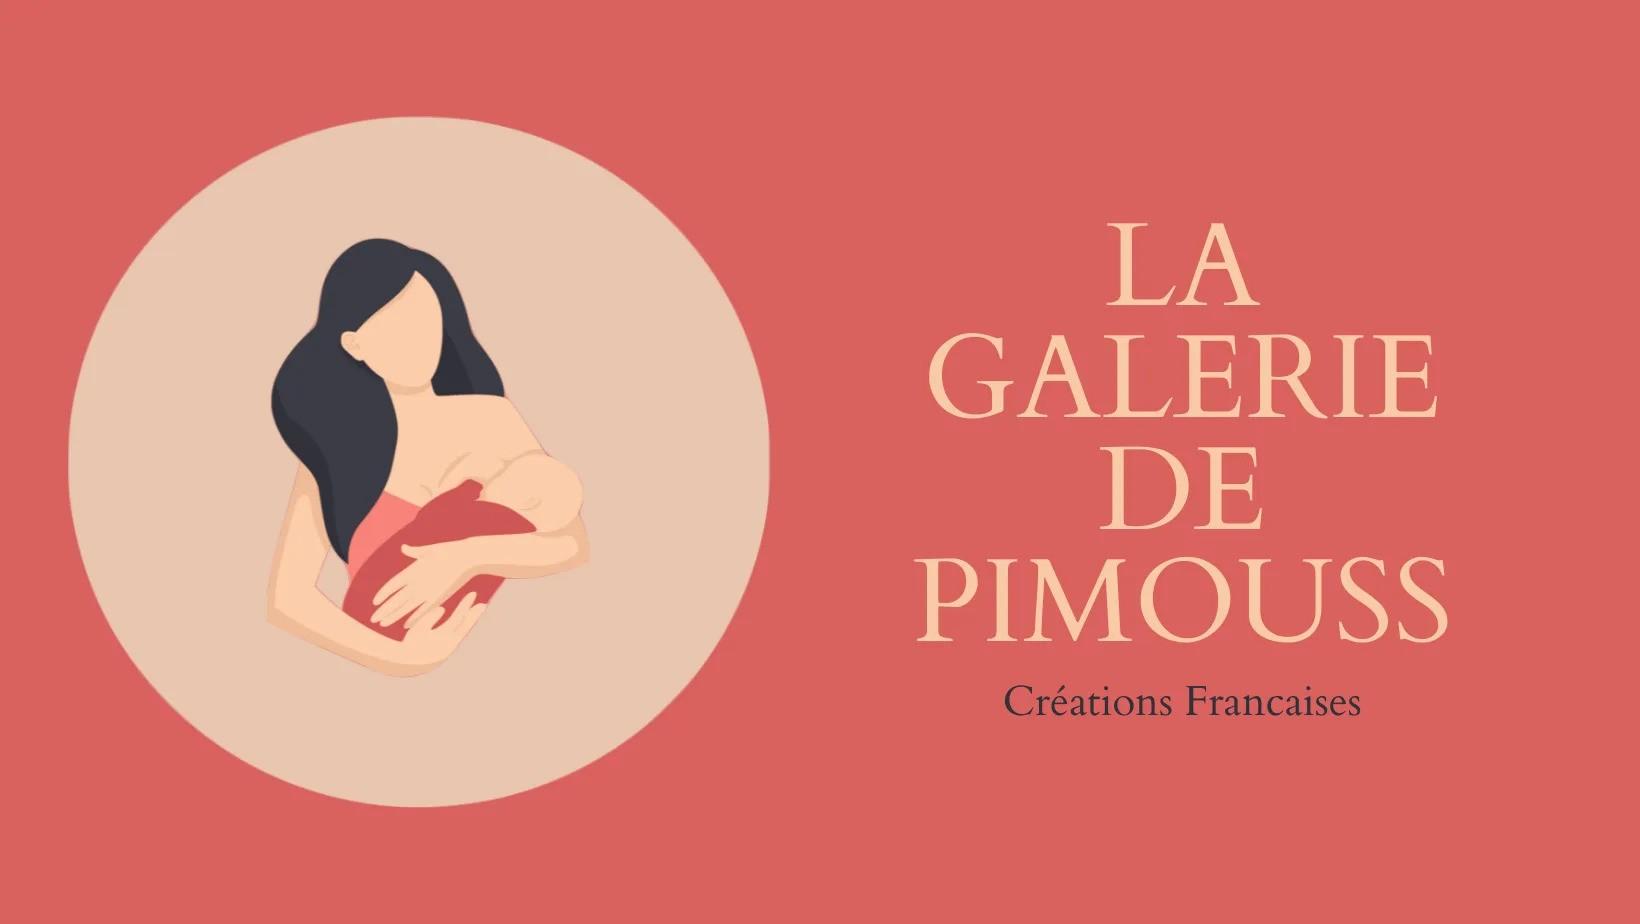 La Galerie de Pimouss